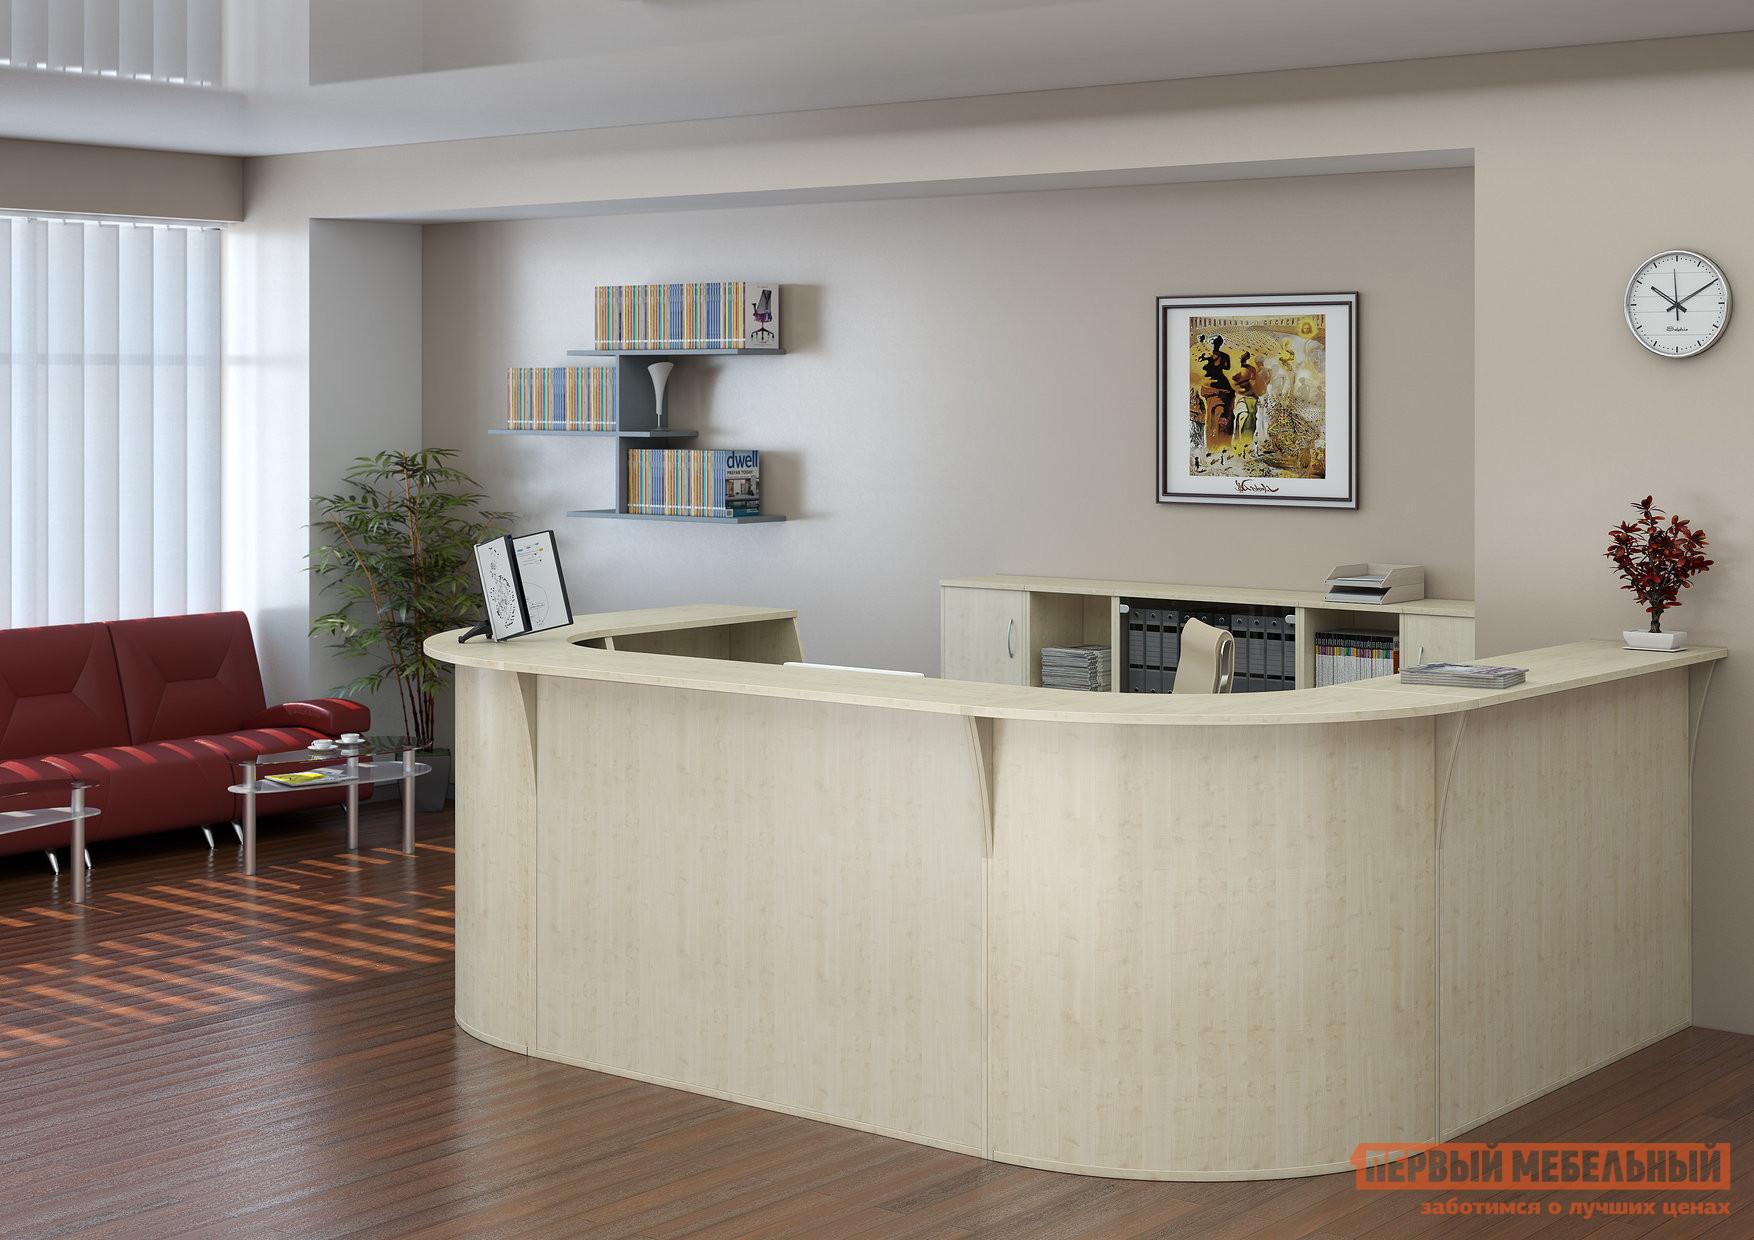 Комплект офисной мебели Riva Рива Ресепшн Клен К2 комплект офисной мебели riva рива ресепшн к1